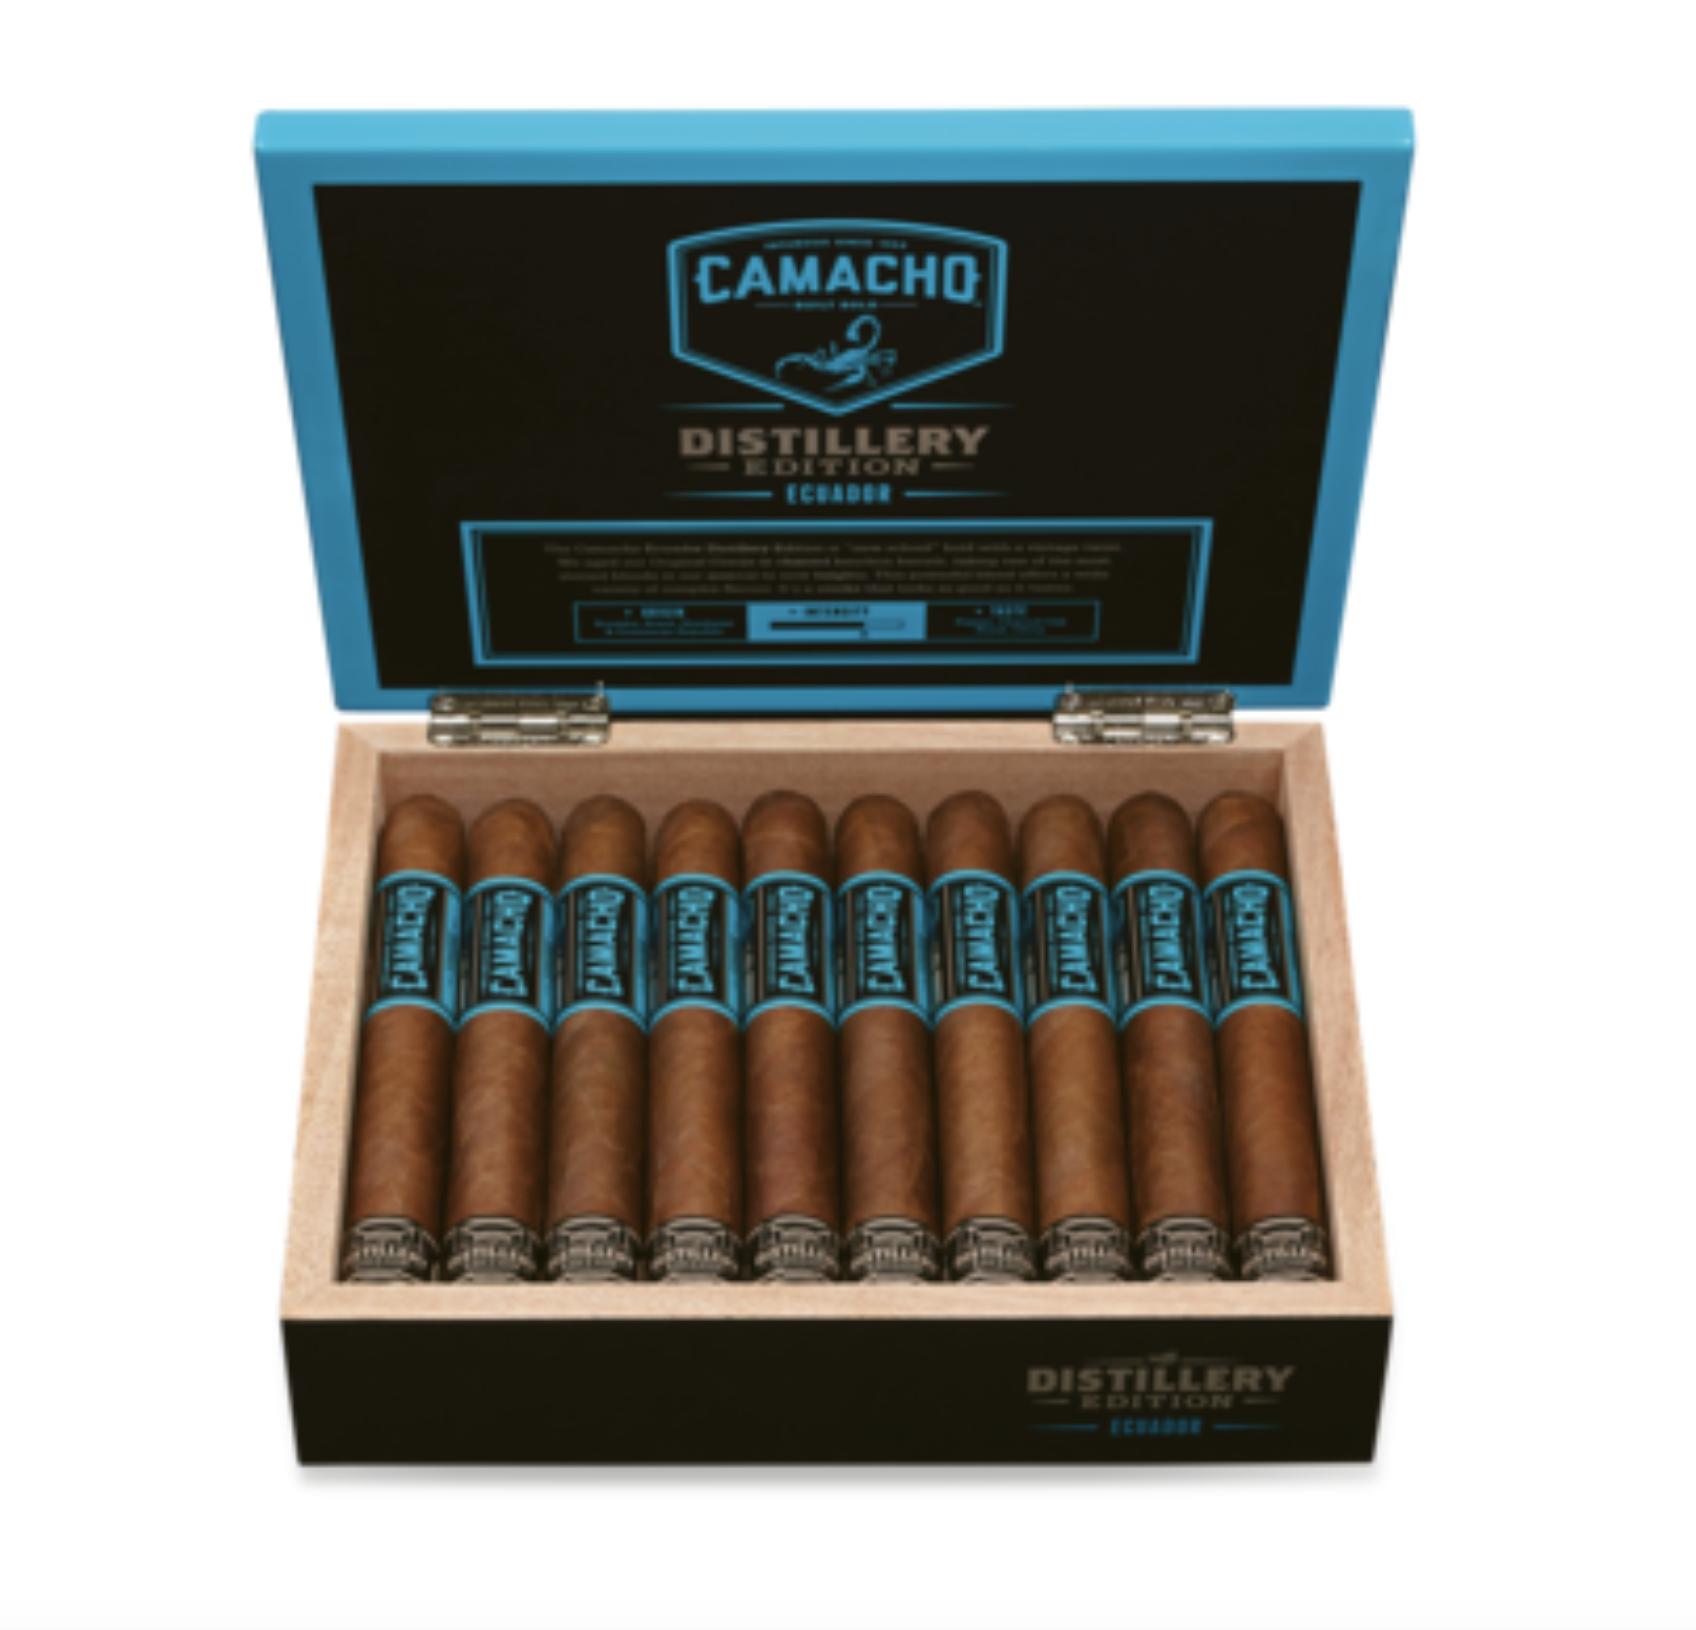 Camacho Distillery Edition